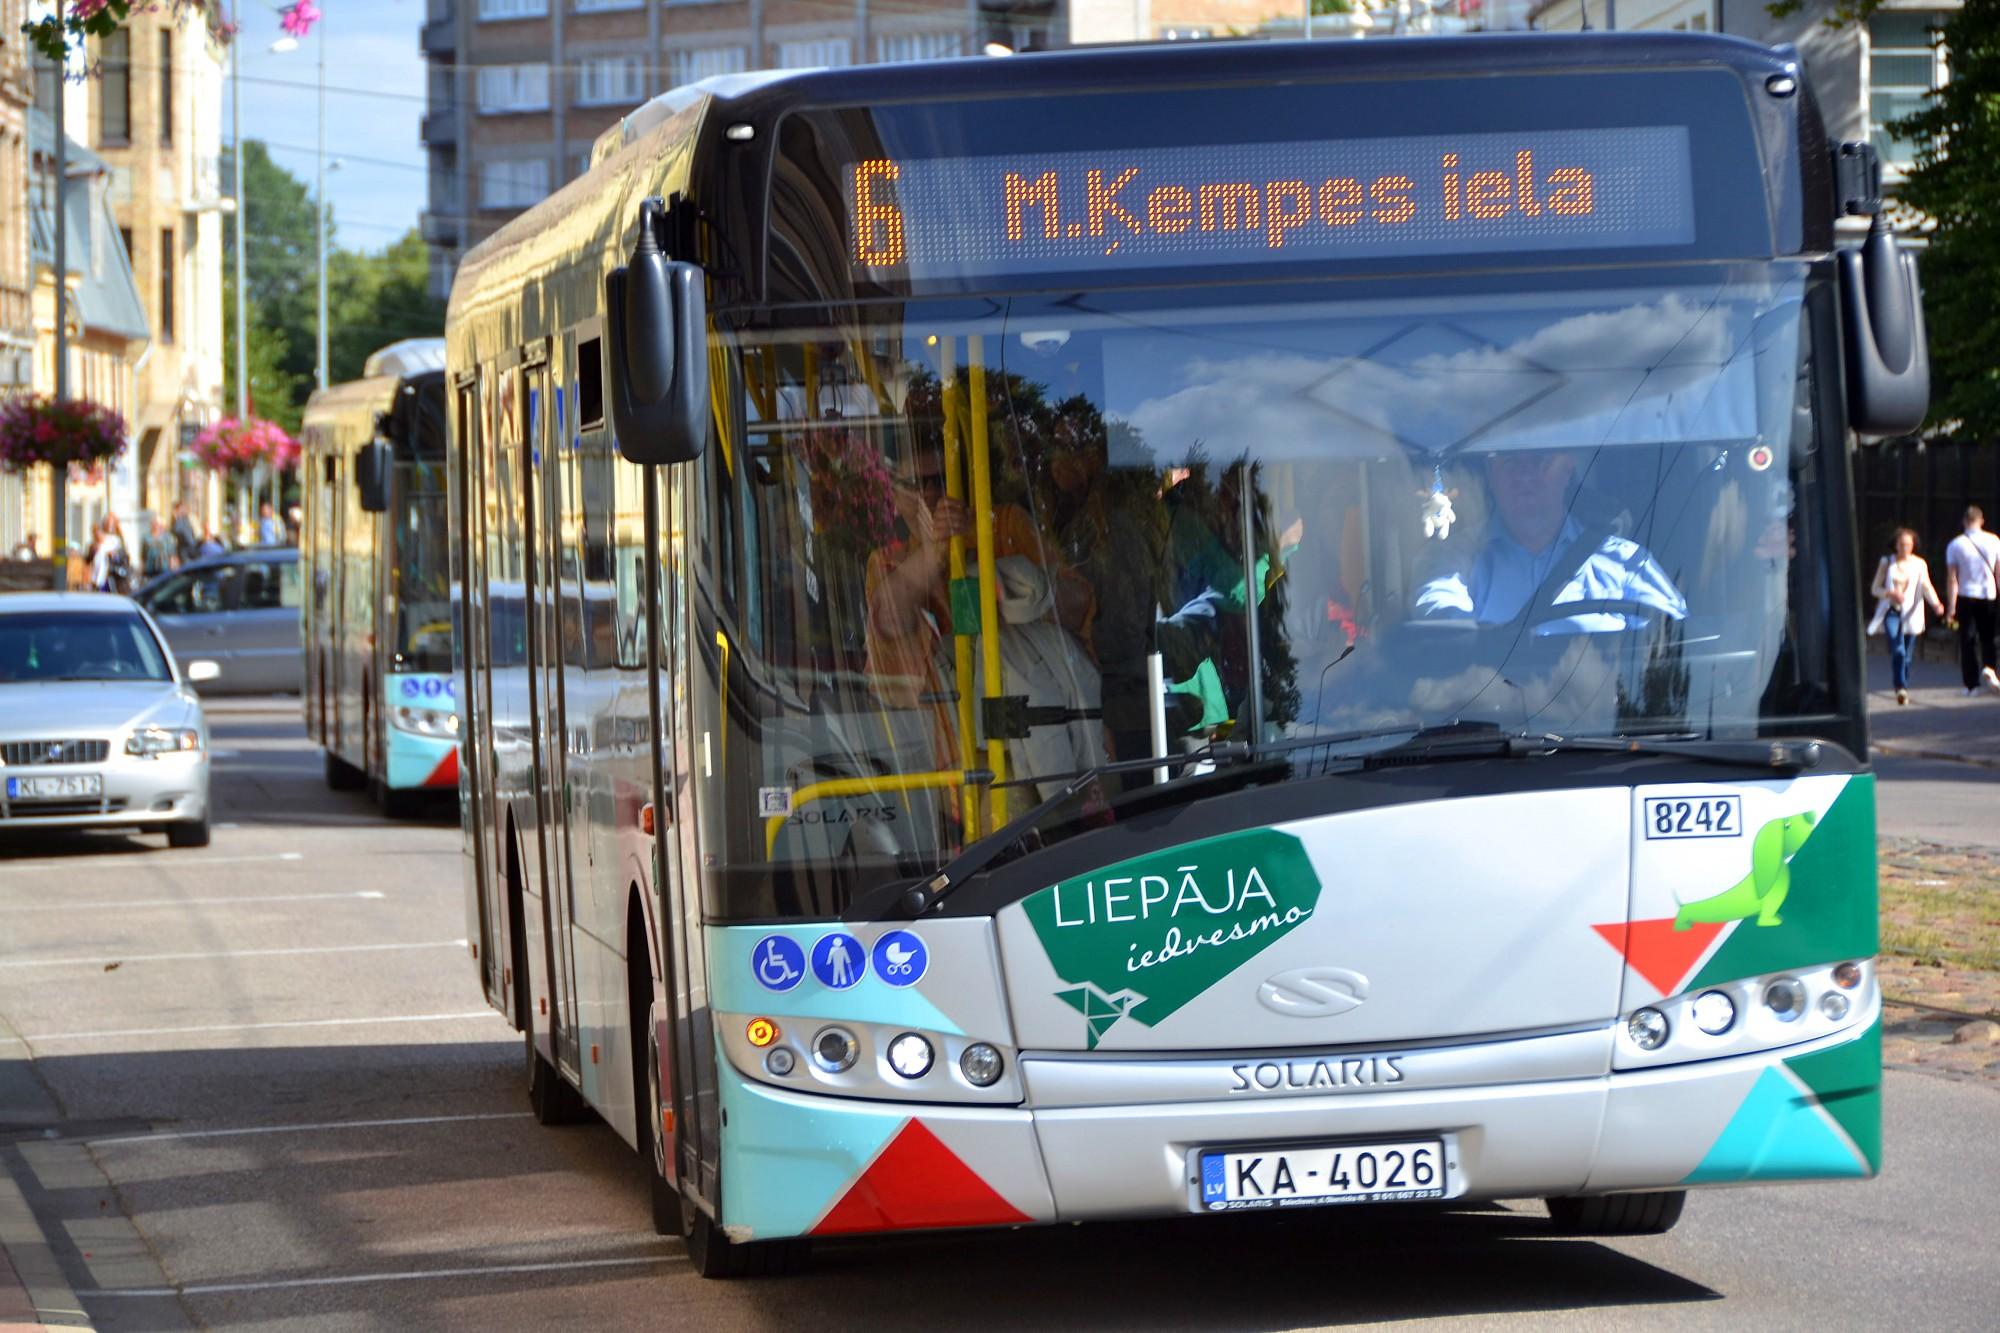 No 1.septembra būs sabiedriskā transporta izmaiņas